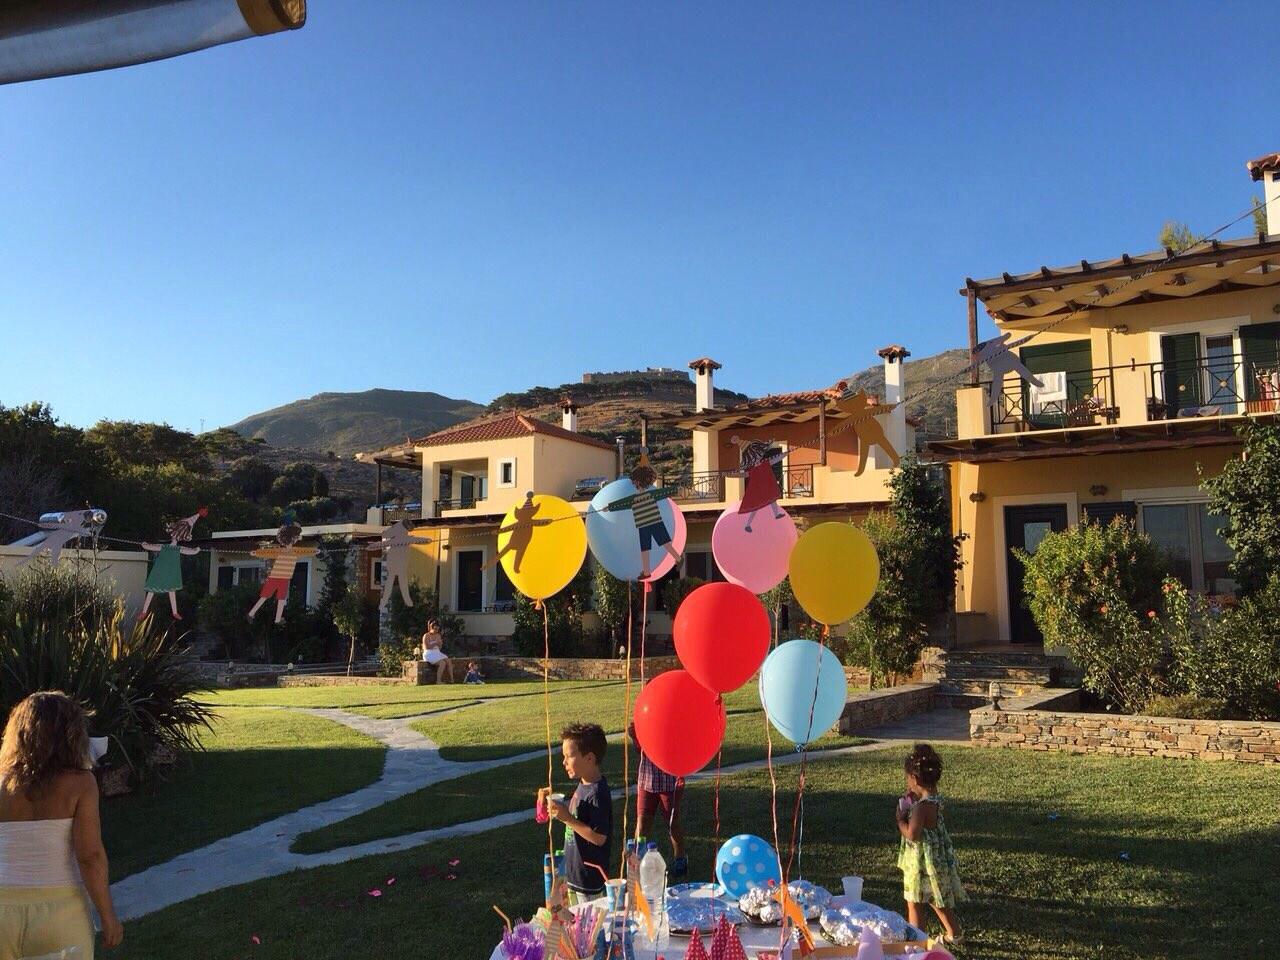 Politia Villas outdoor parties